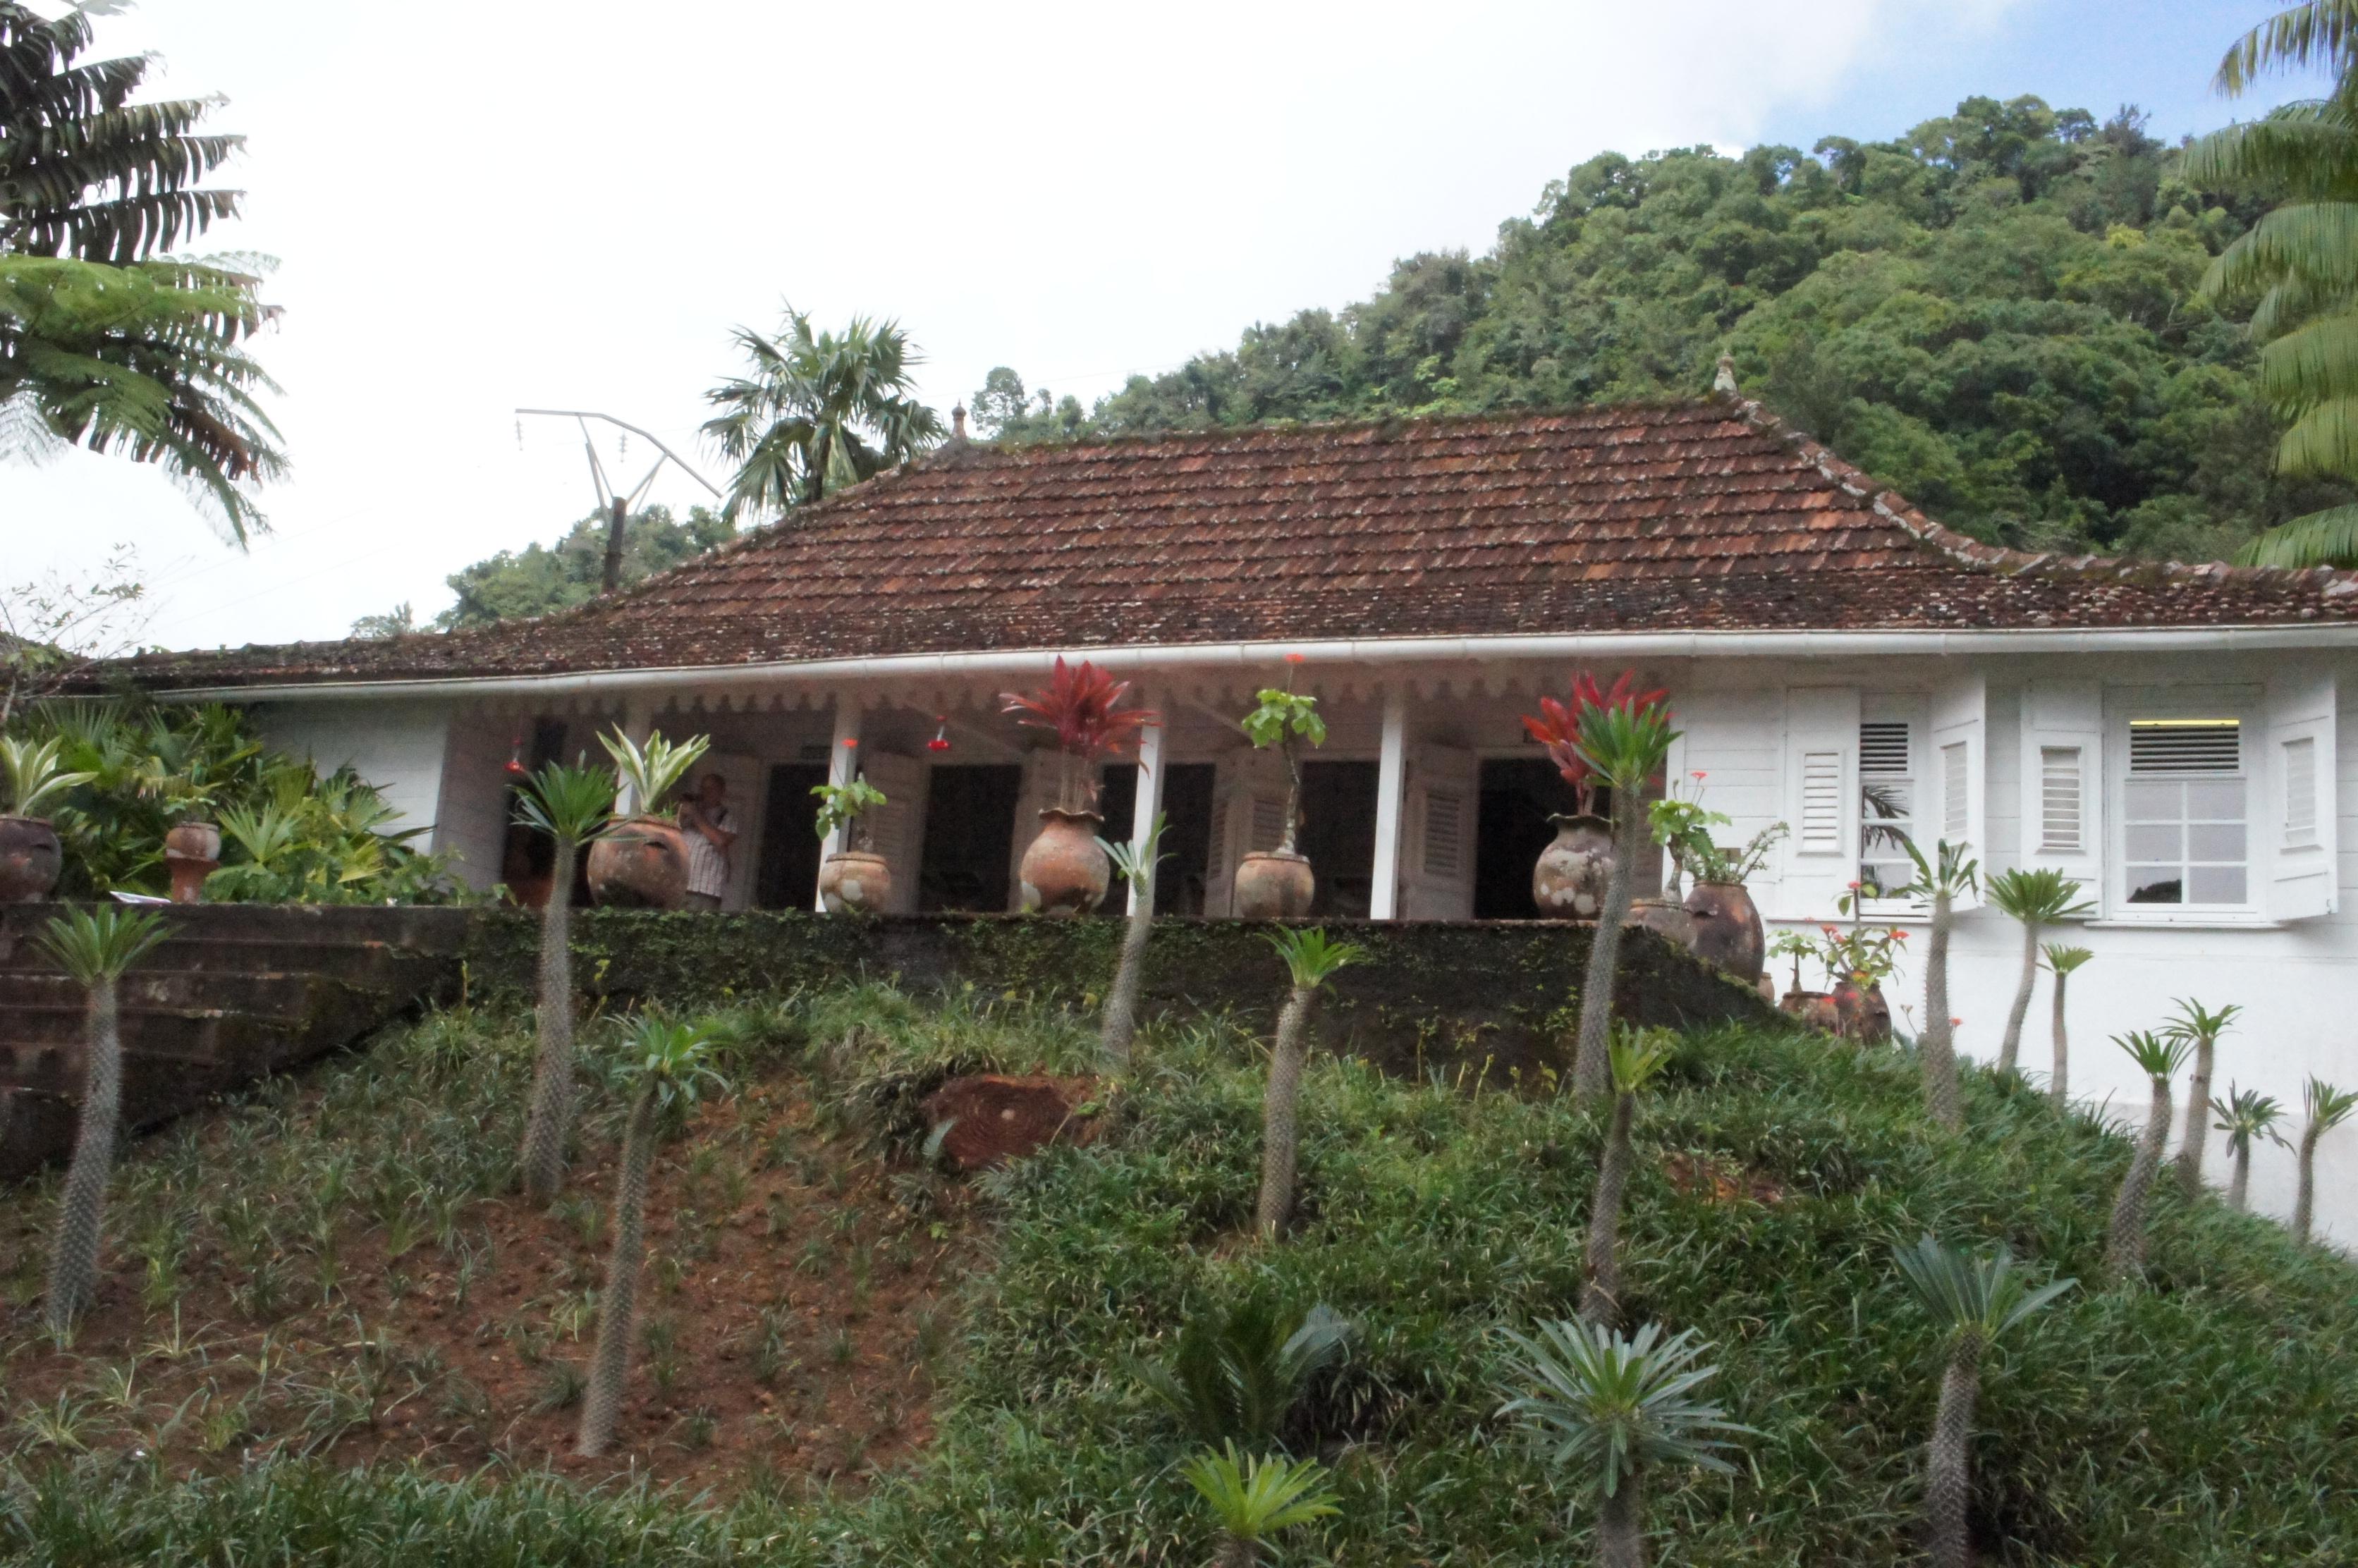 maison créole familiale - Jardin balata